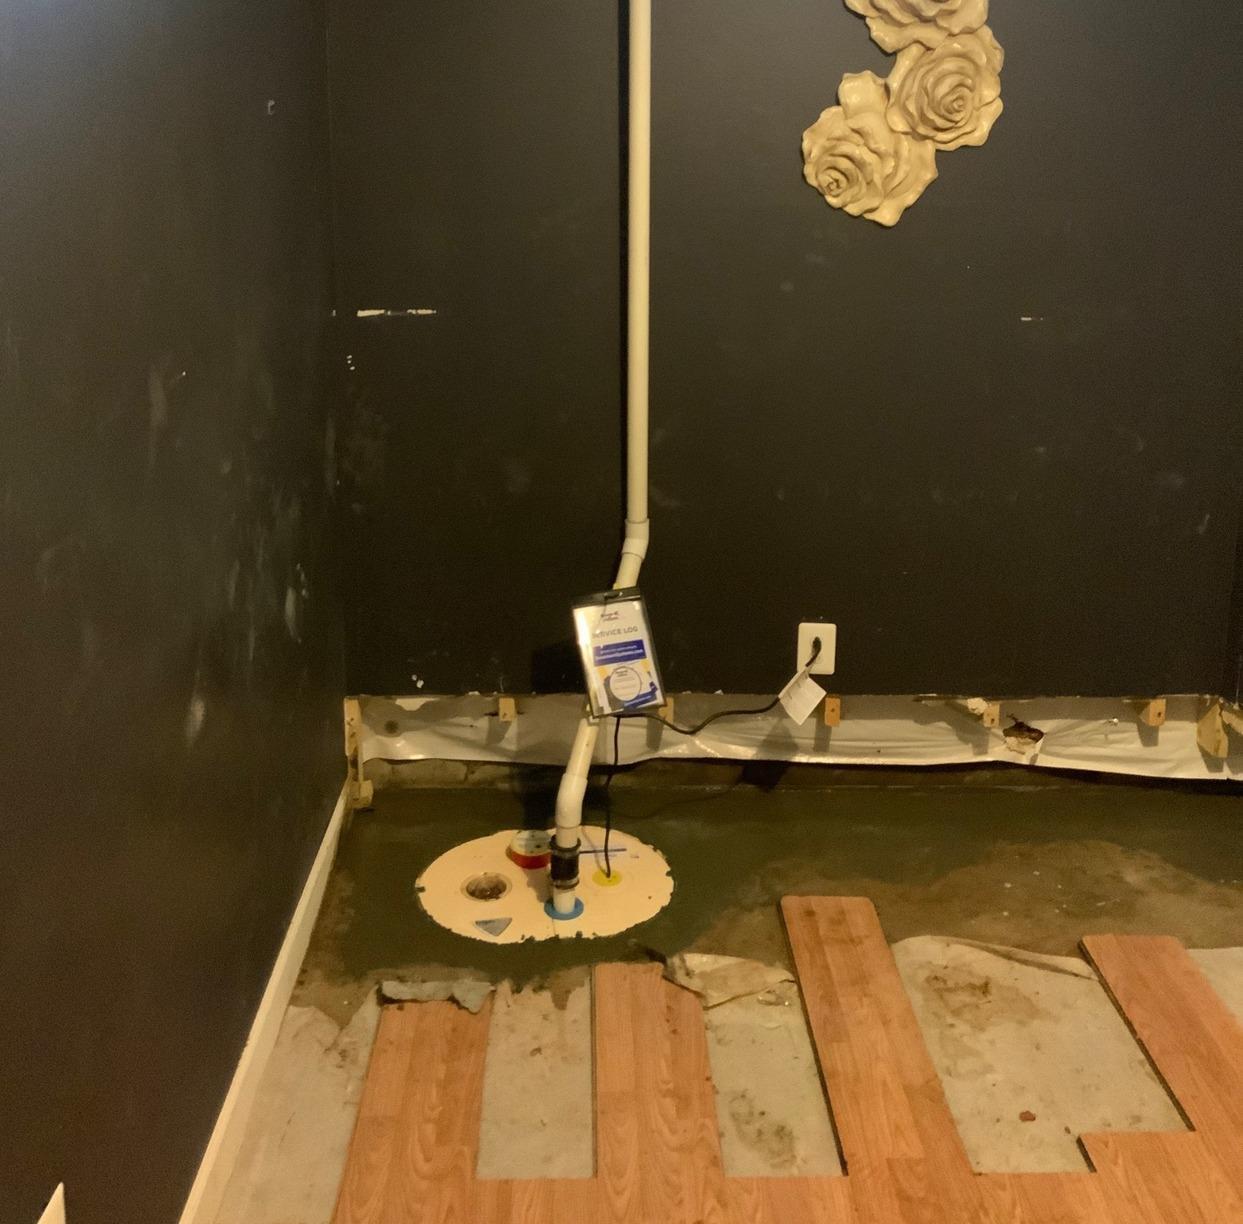 Manassas, VA Basement Waterproofing - After Photo